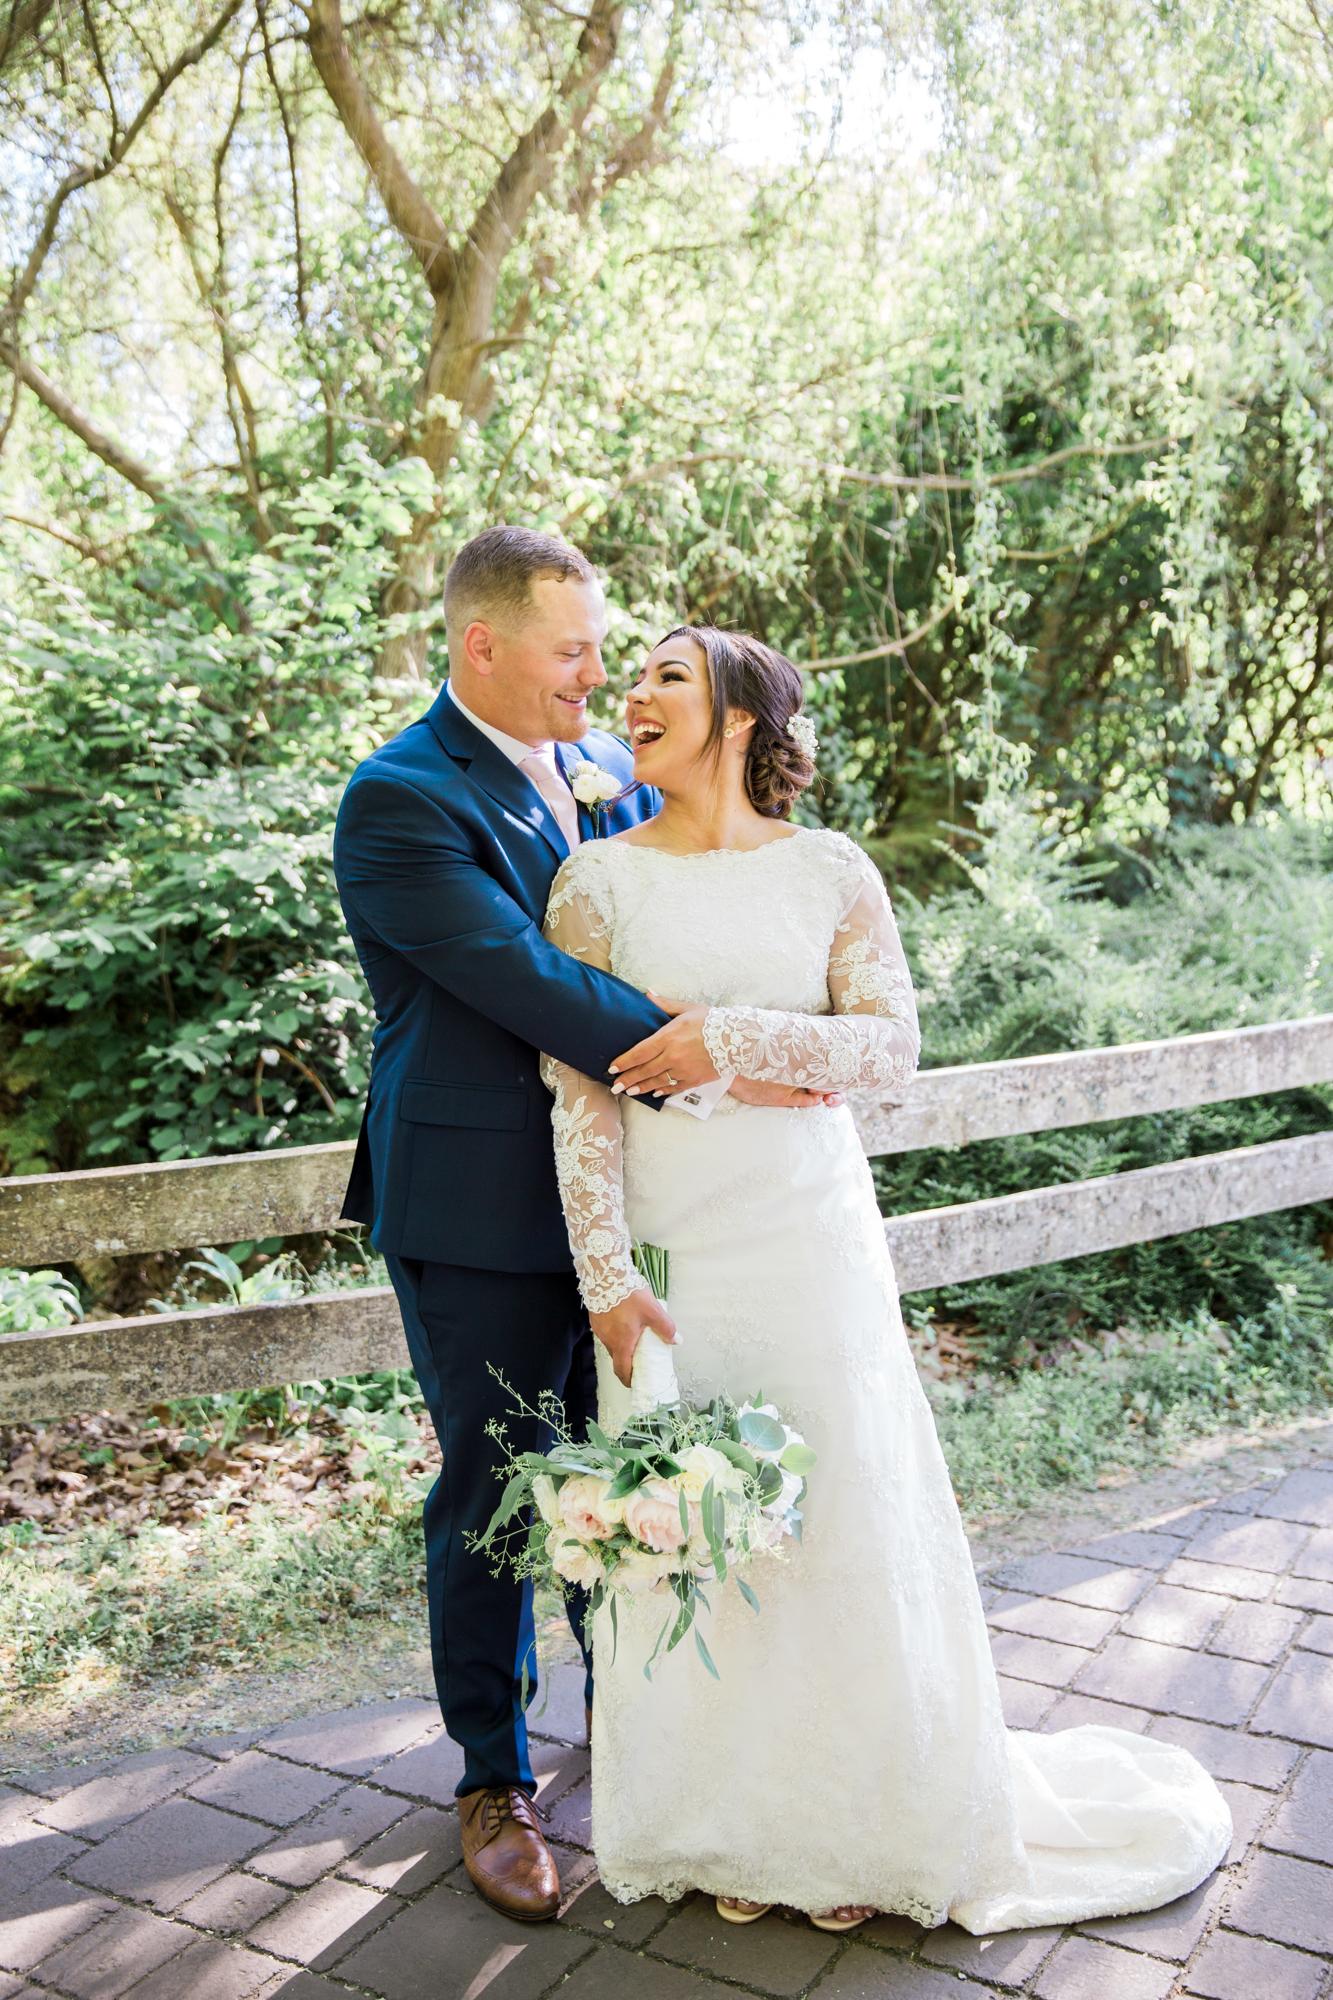 Eden&MePhoto|Wedding|Lexi&Jacob